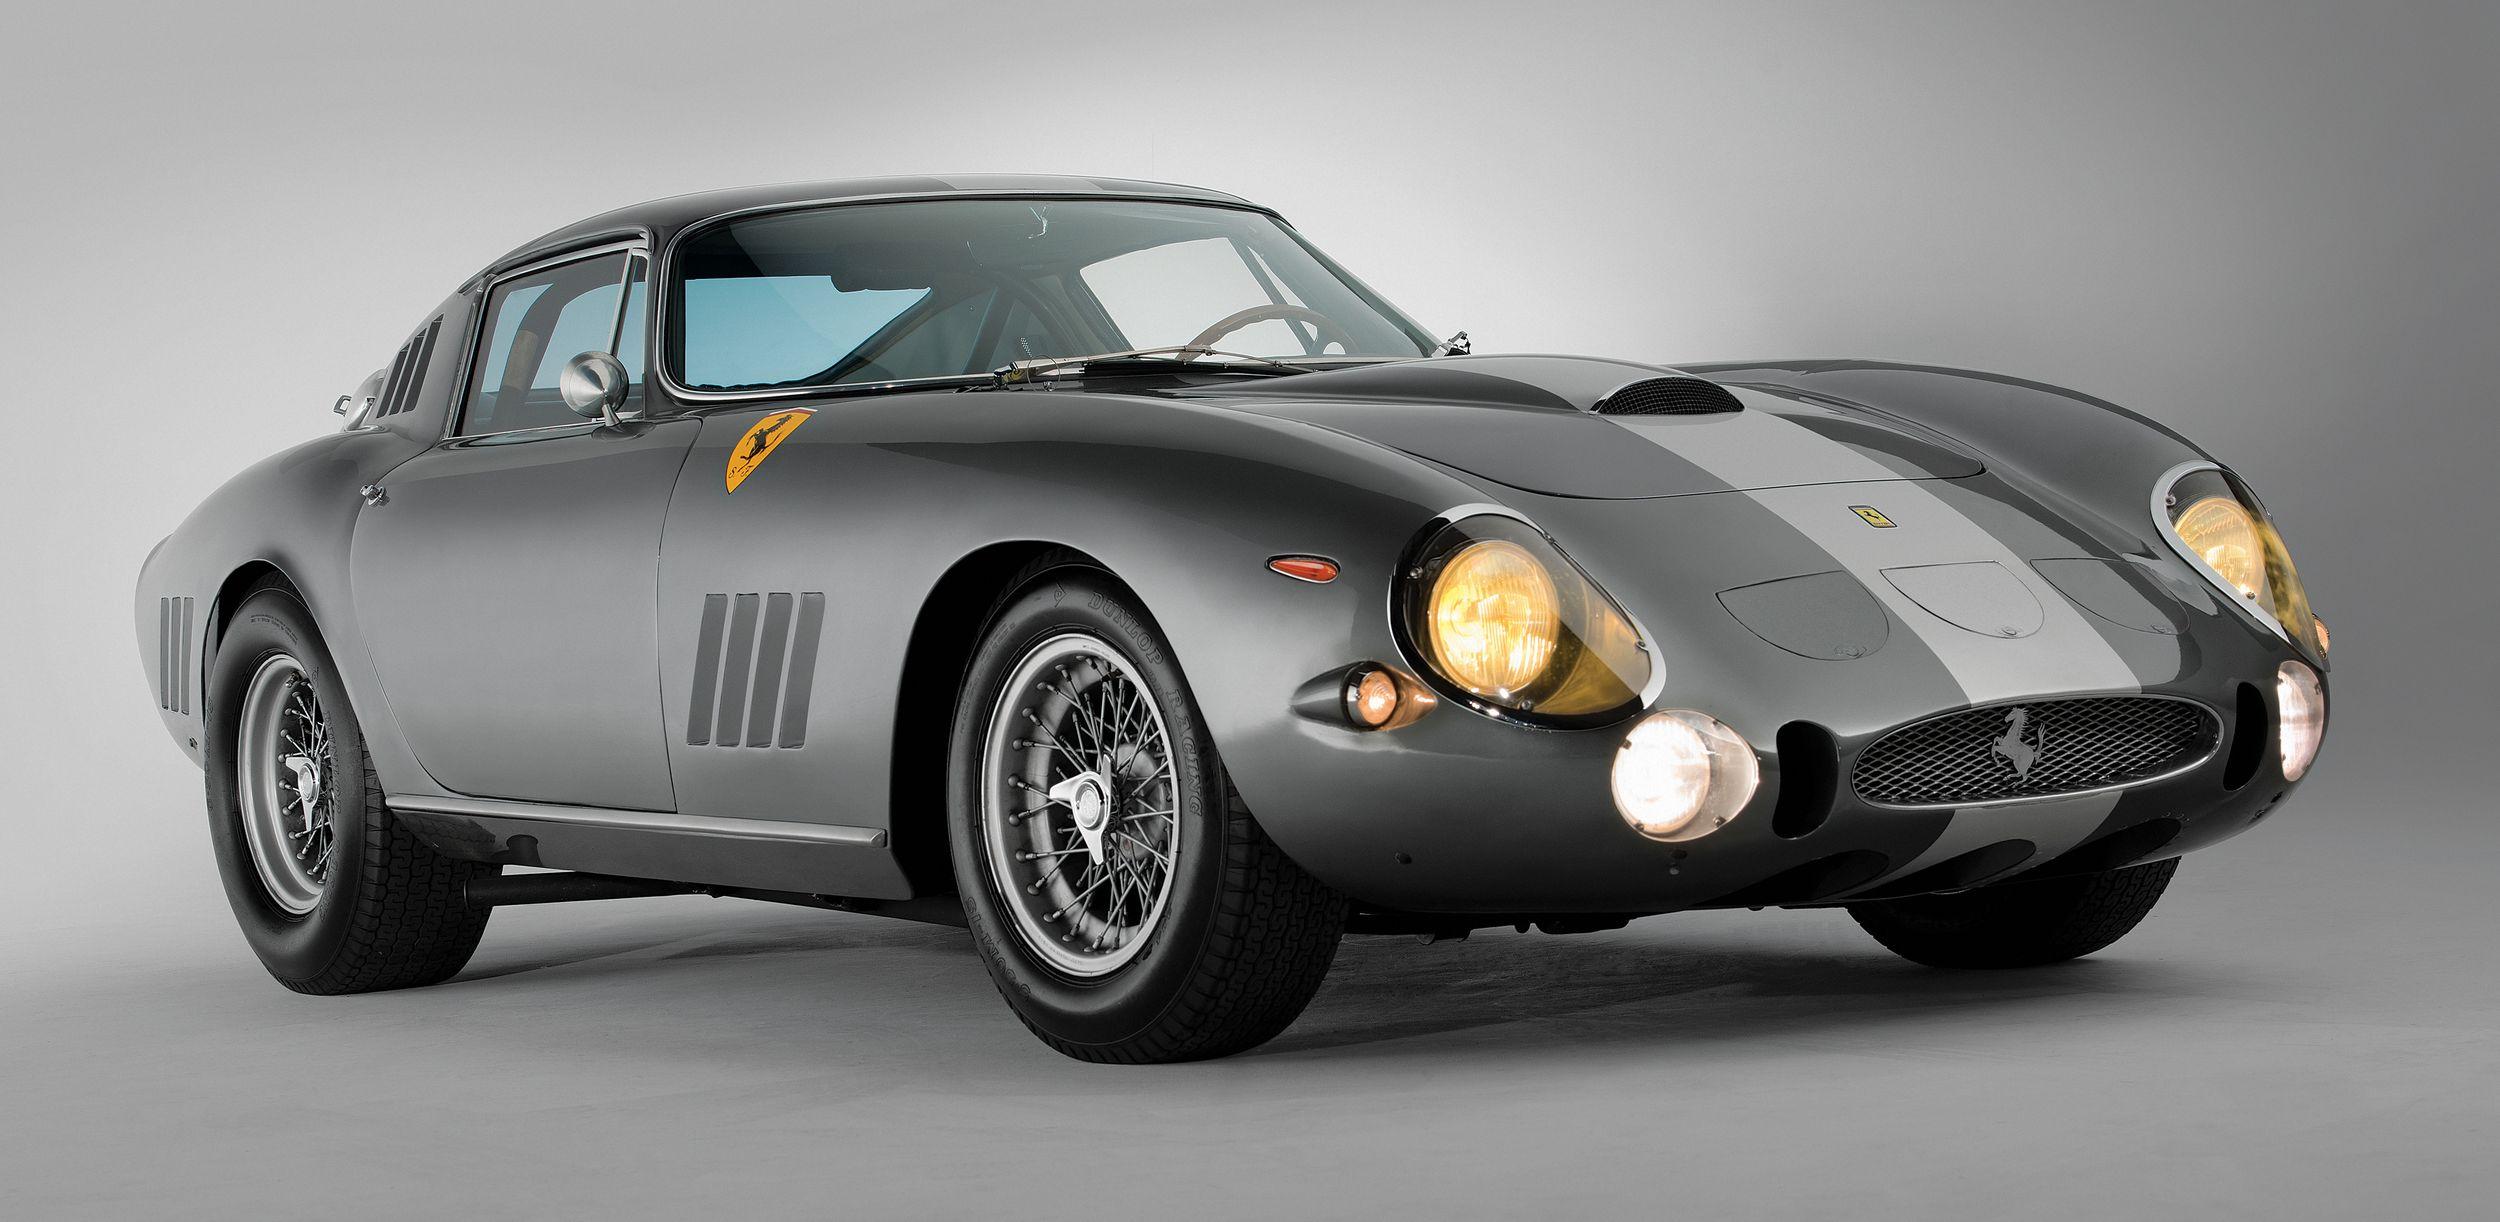 1964 Ferrari 275 GTB-C Speciale by Scaglietti chasis 06701